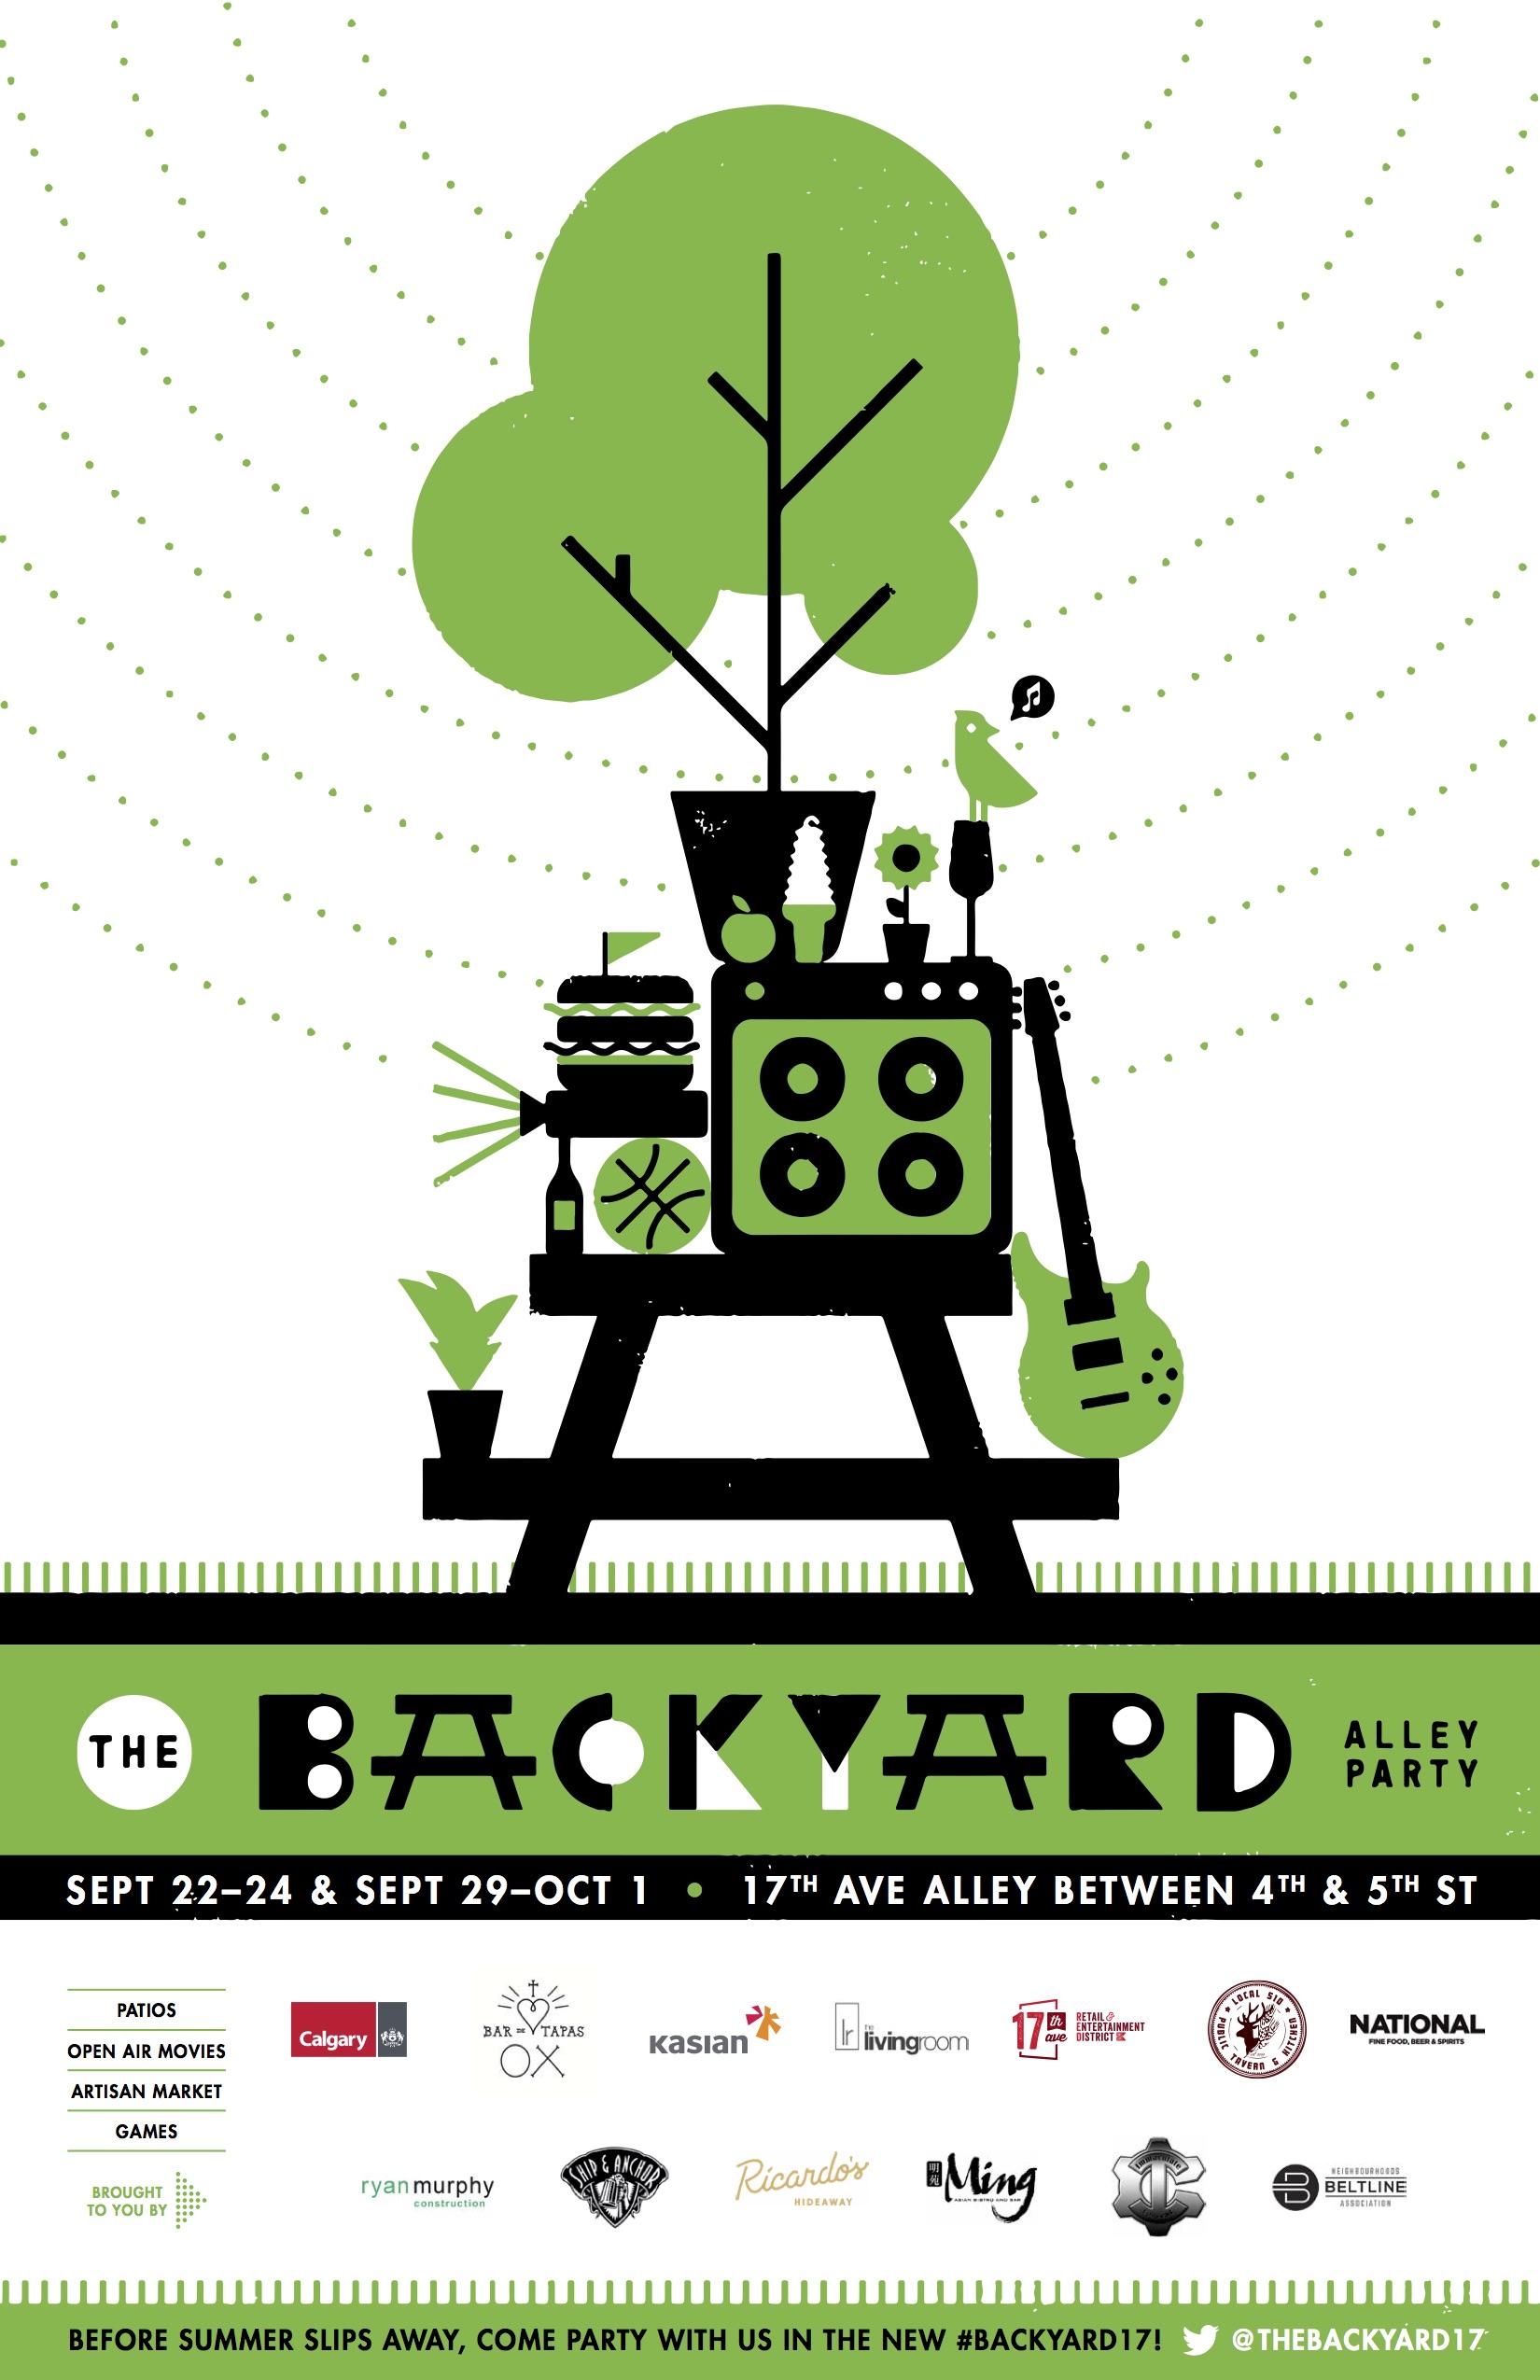 TheBackyard-Poster.jpg